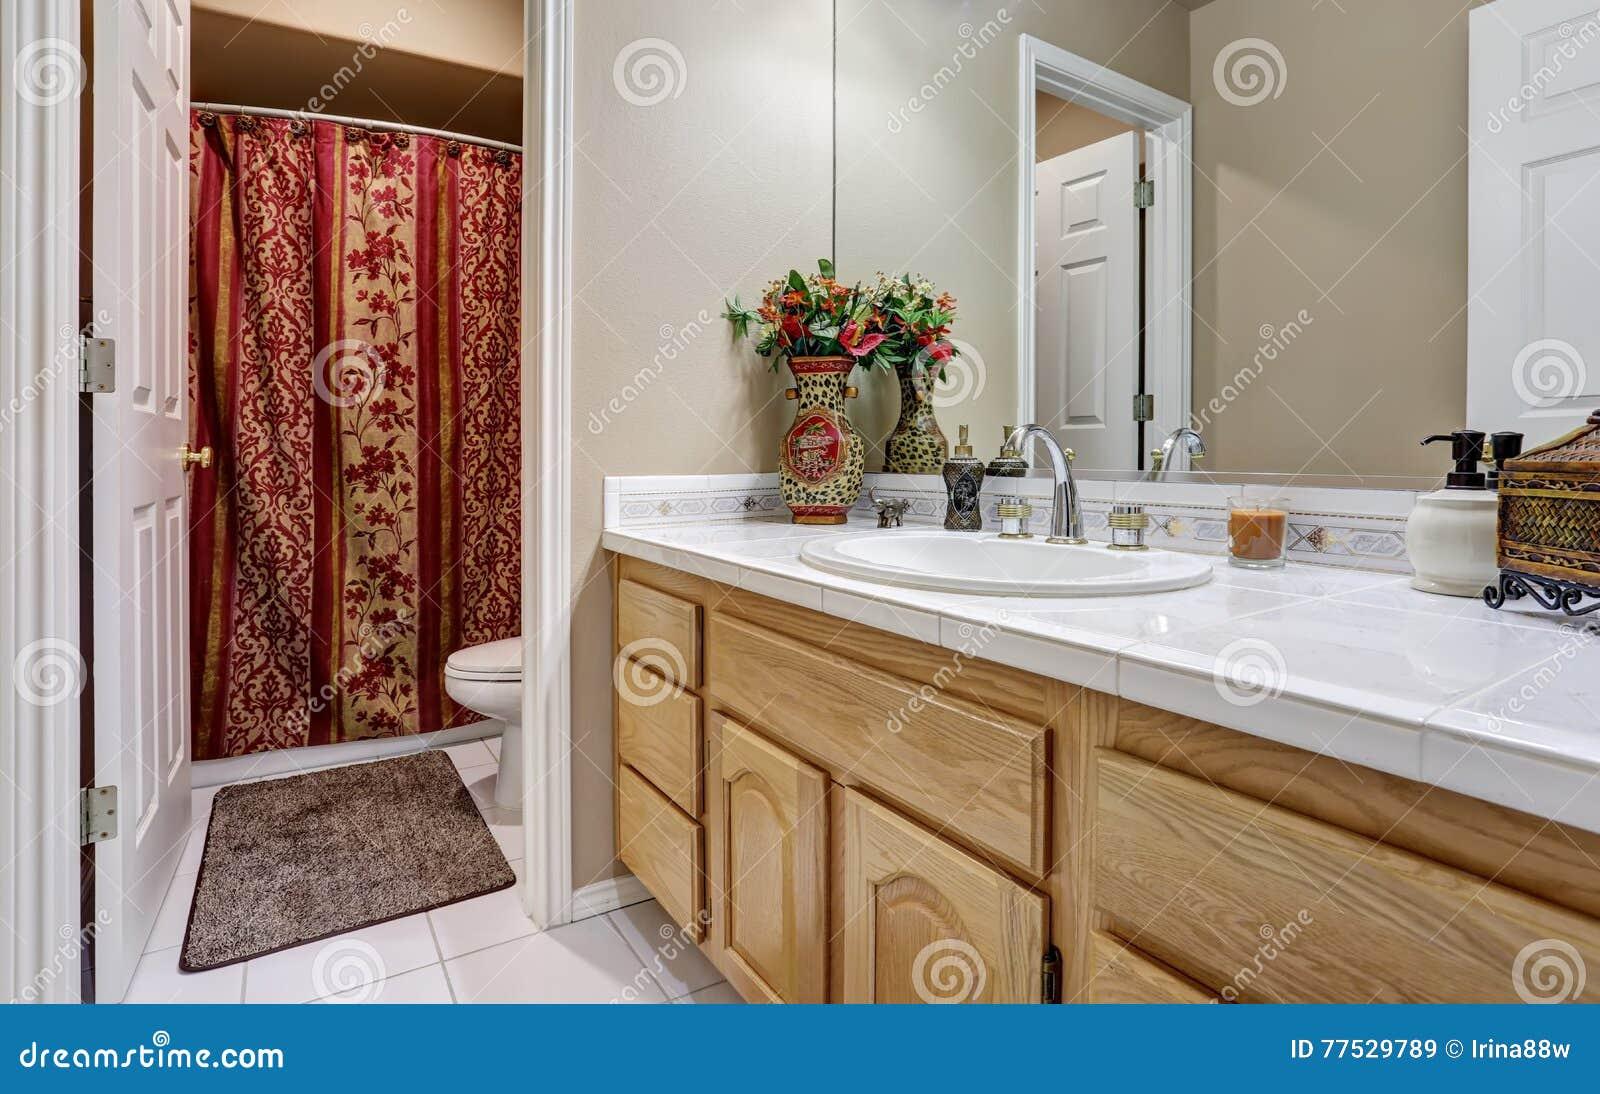 perfect amazing excellent finest simple ducha espejo moderno with espejos cuarto de bao modernos with espejos de bao modernos with espejos cuarto de bao - Cuartos De Bao Modernos